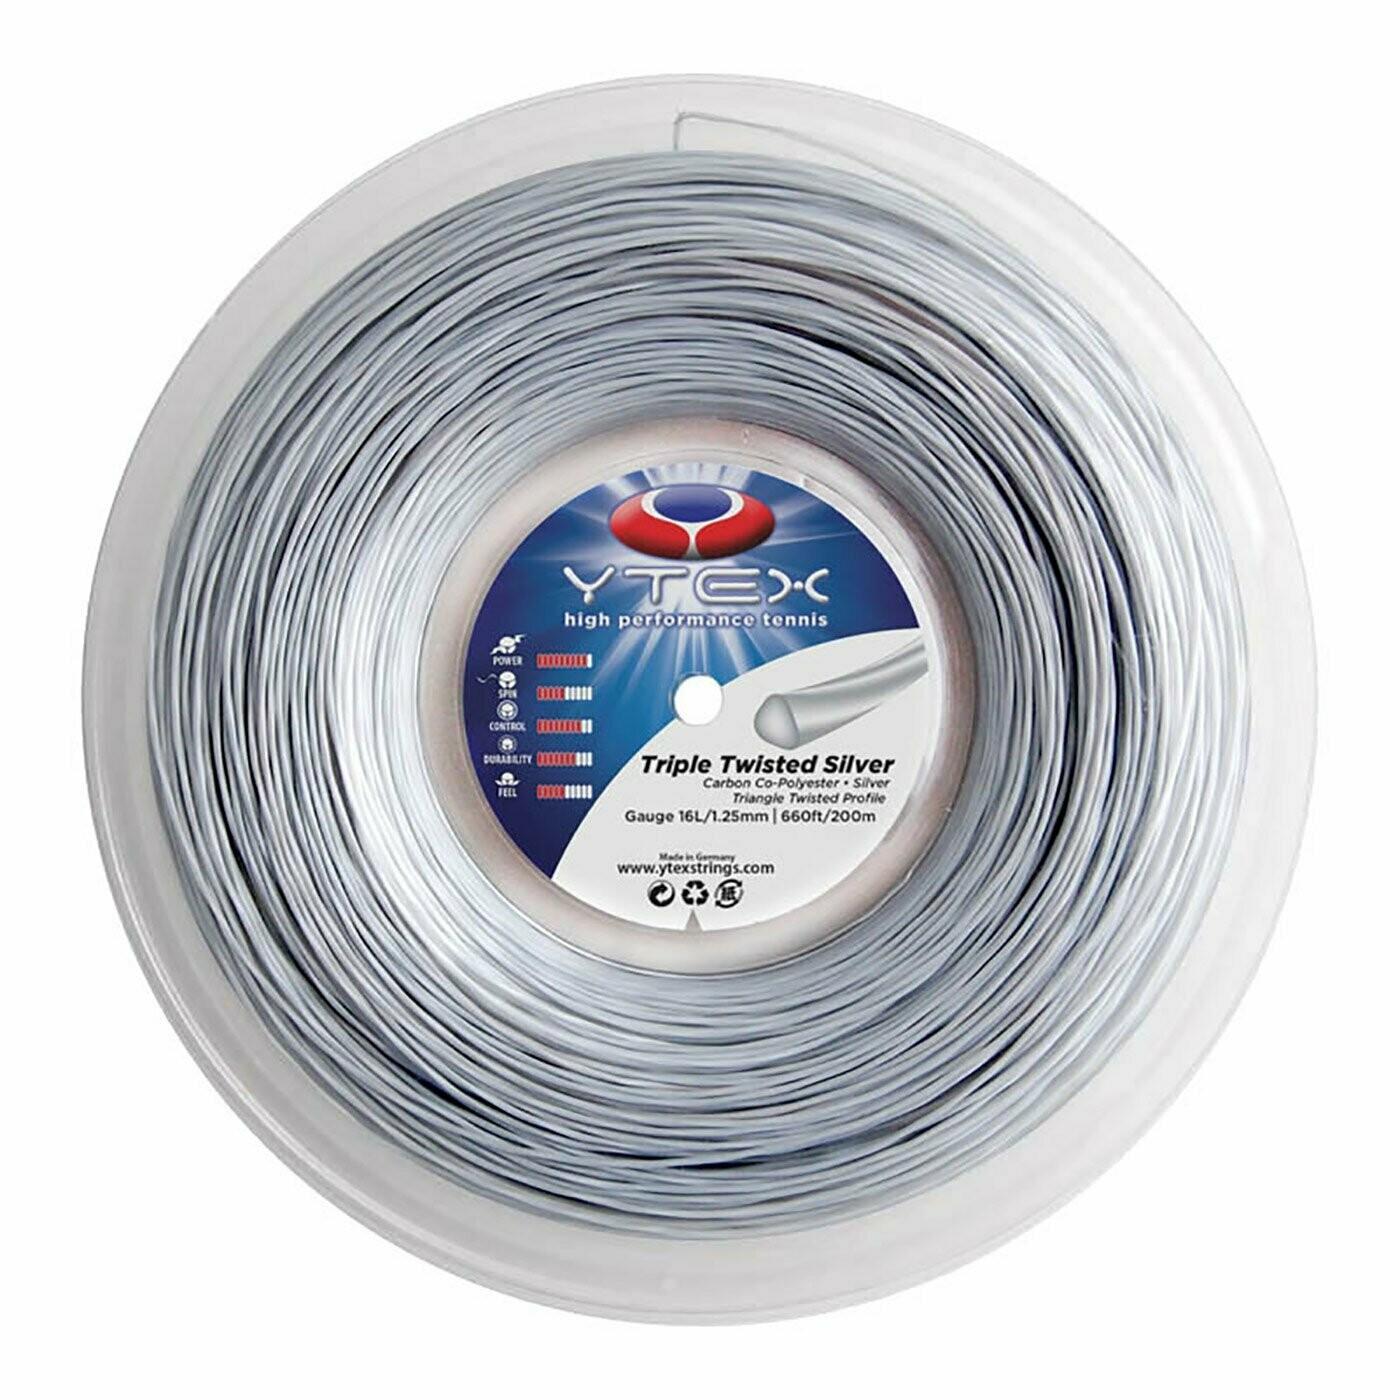 Ytex Triple twisted silver